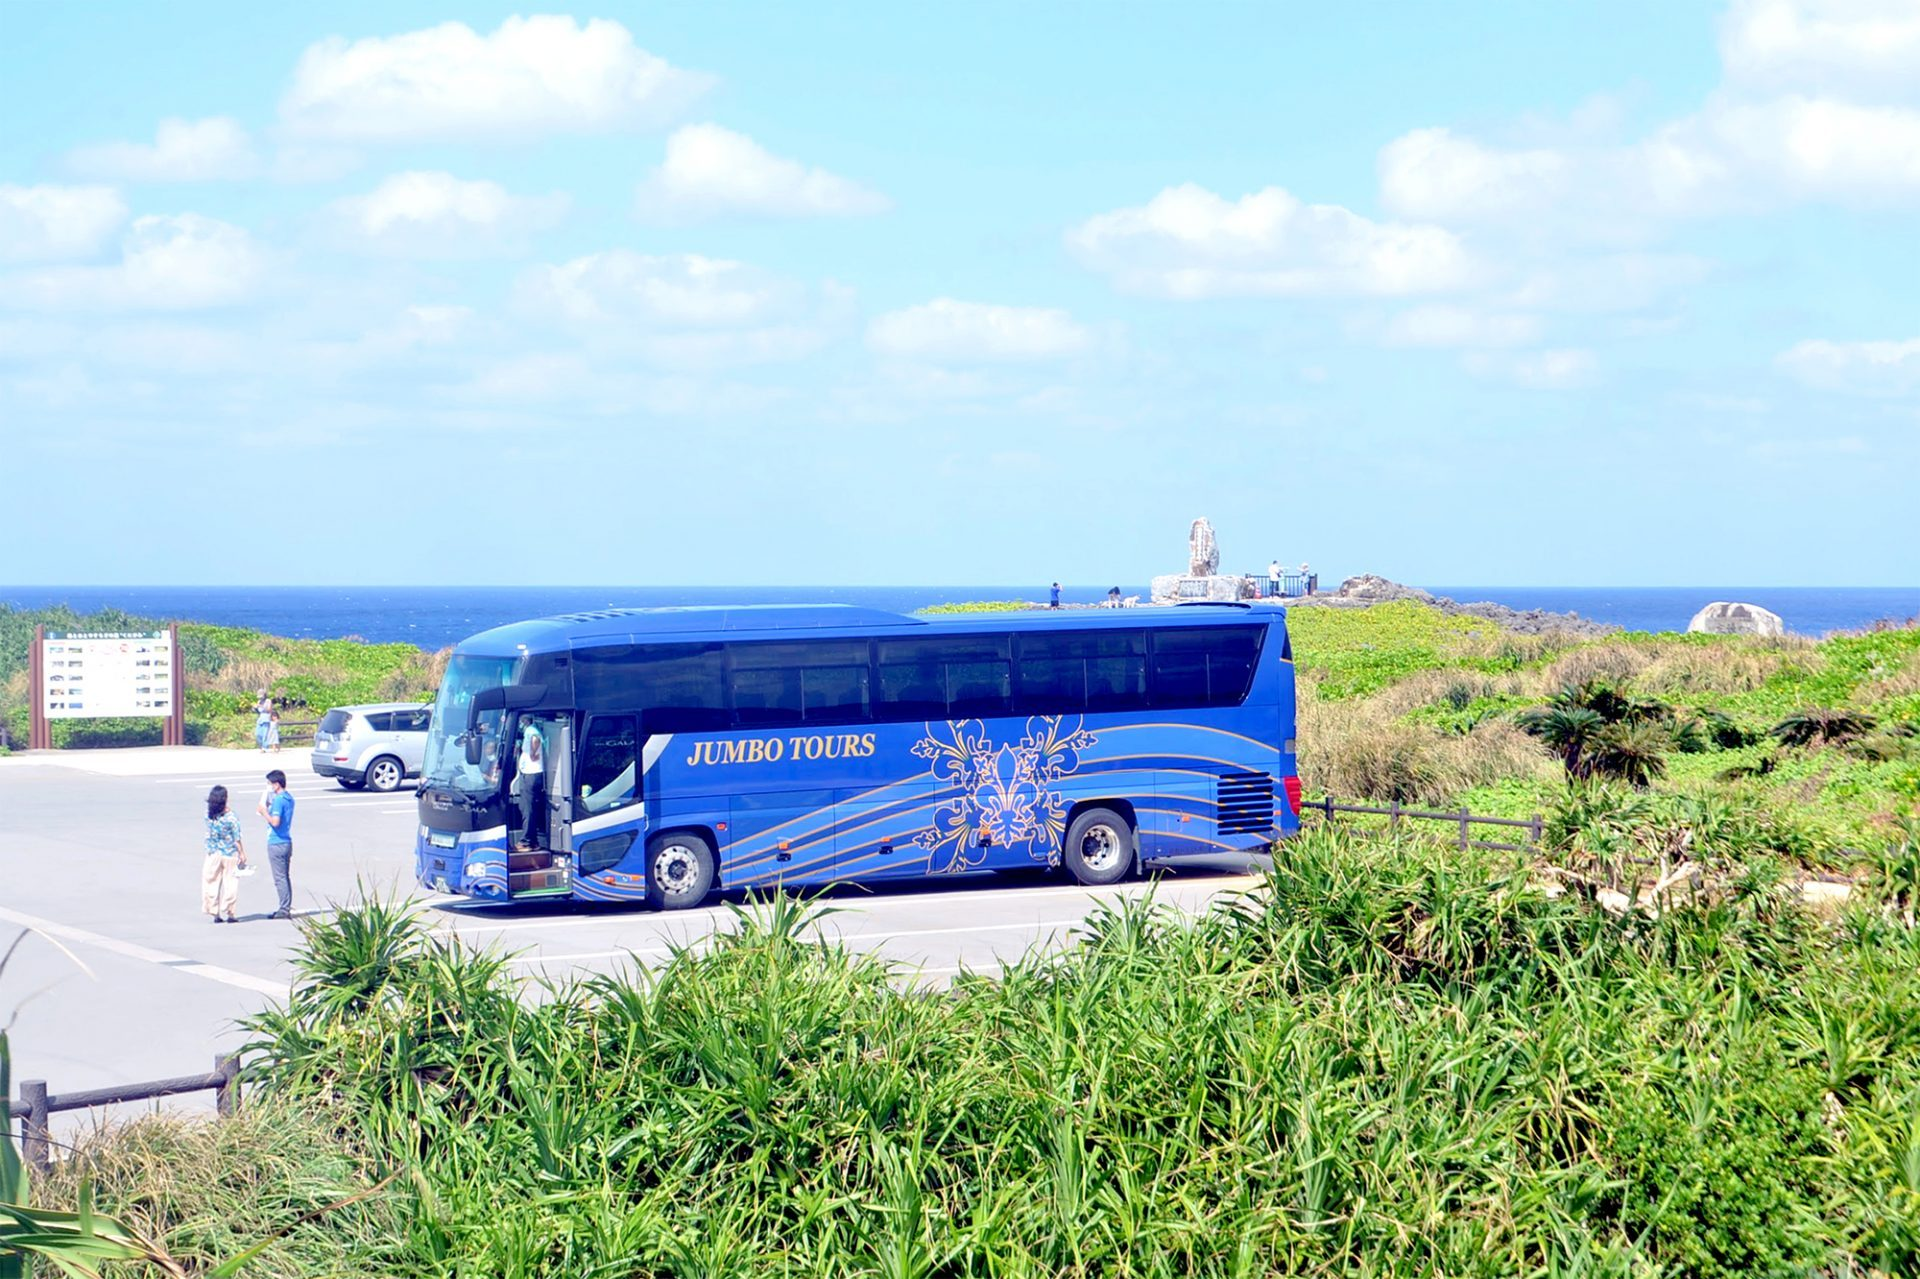 沖縄 北部 観光 おすすめ 旅行 やんばる バス ツアー